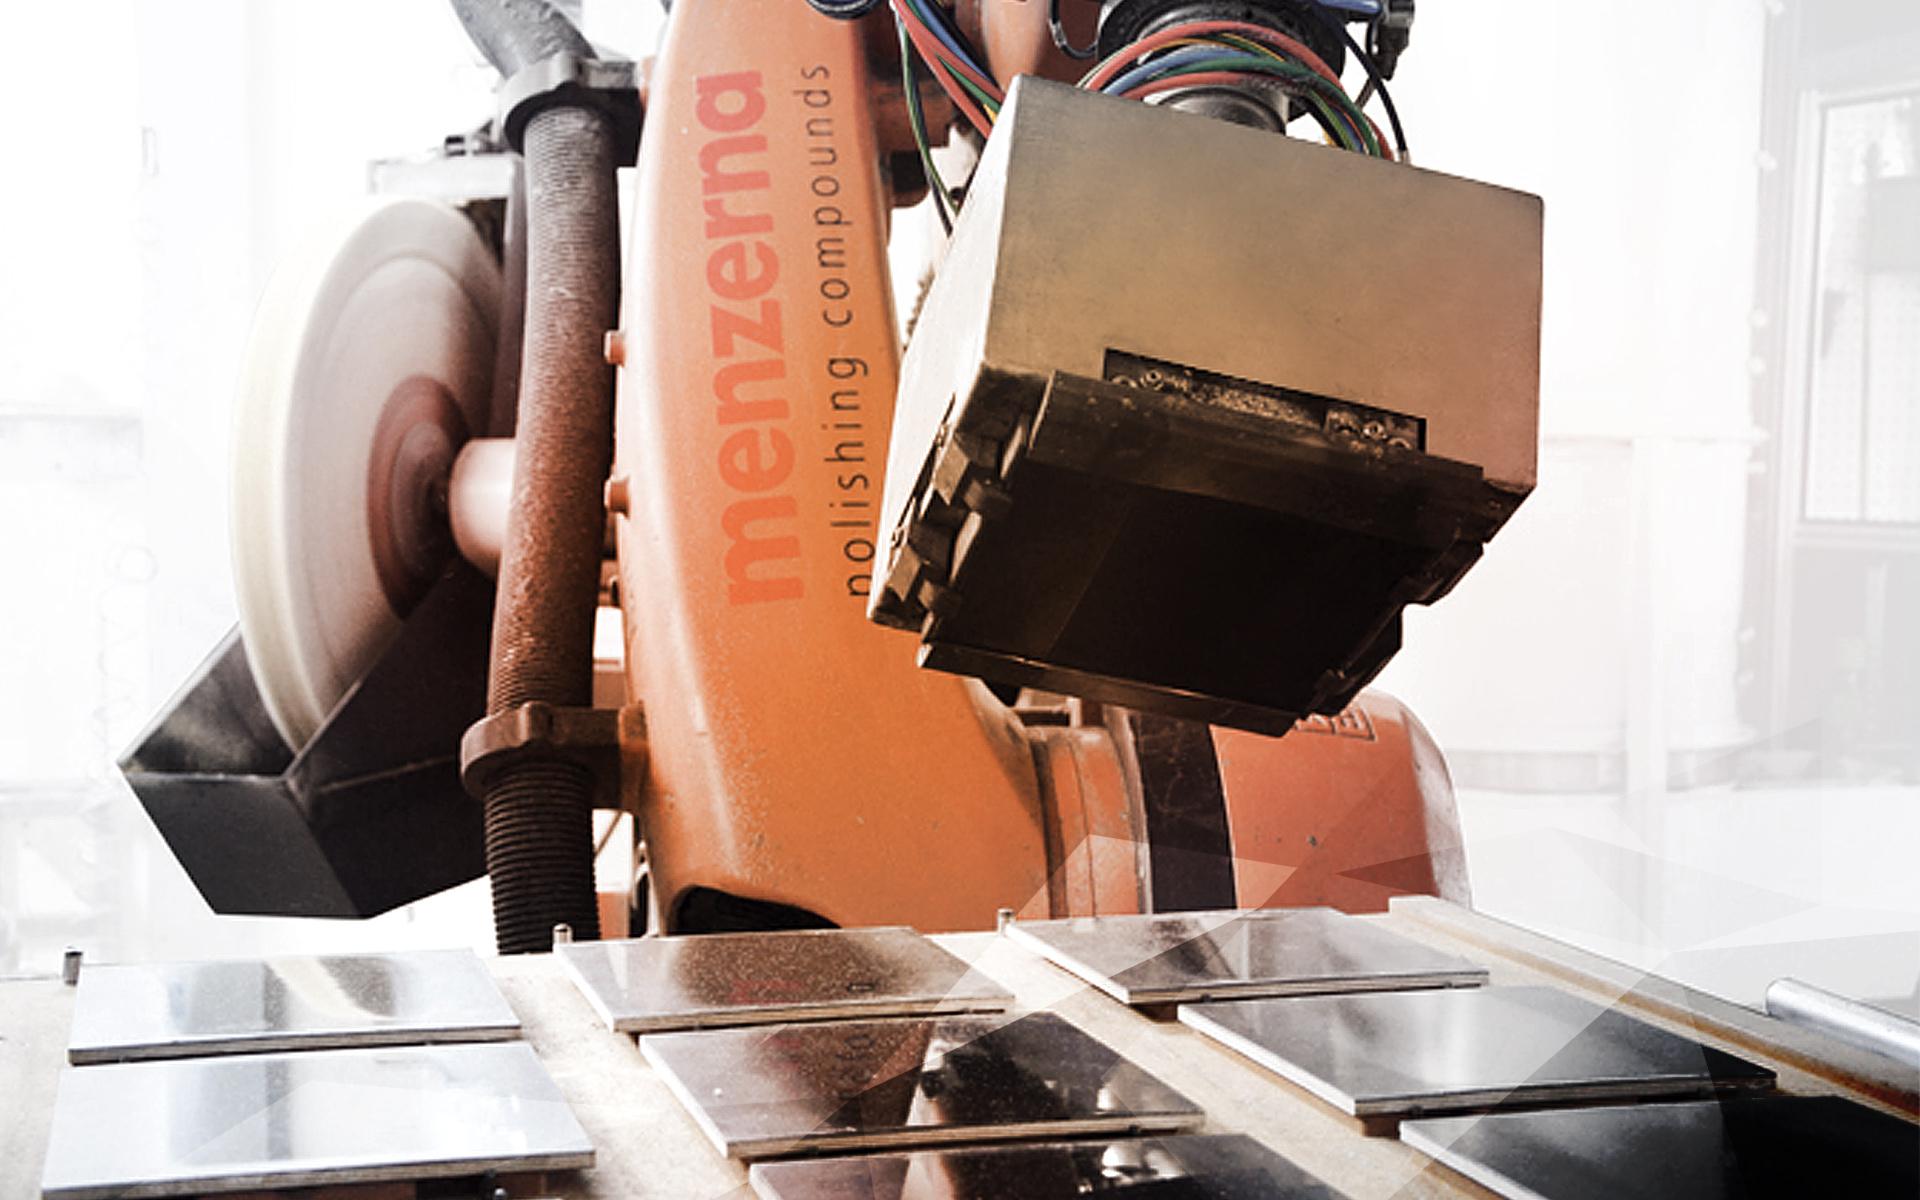 Die sogenannte Inline-Messung ermöglicht die Optimierung von Polierverfahren.